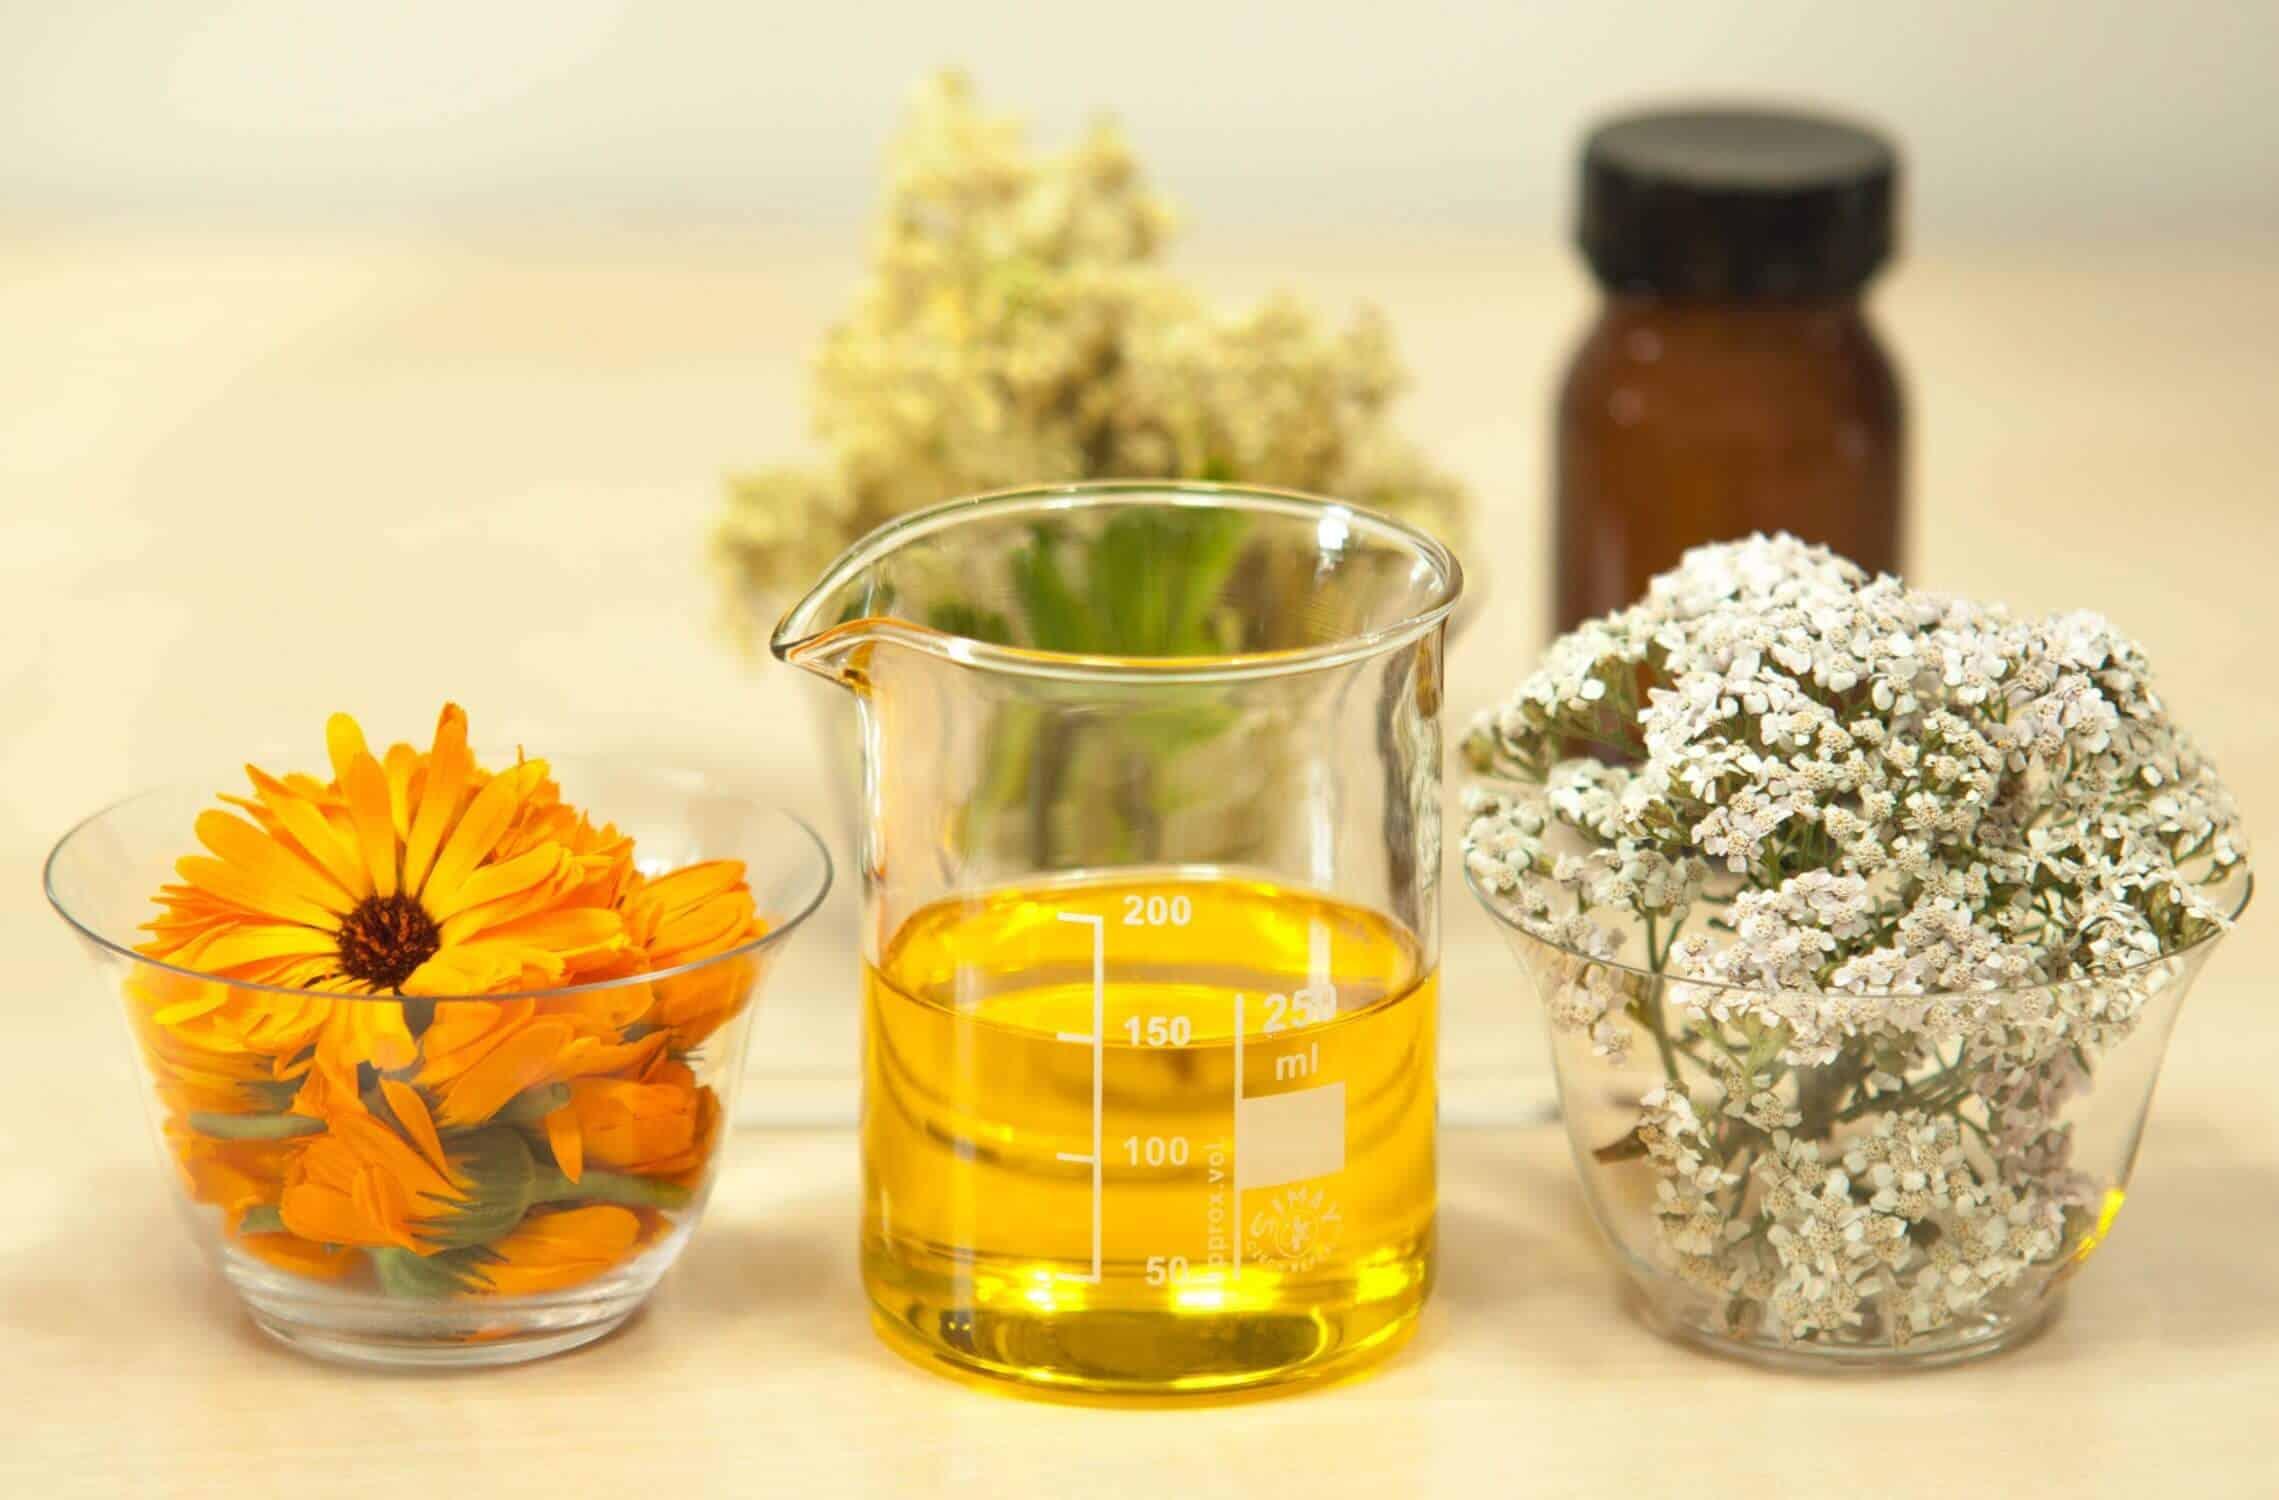 Zendocrine Ingredients